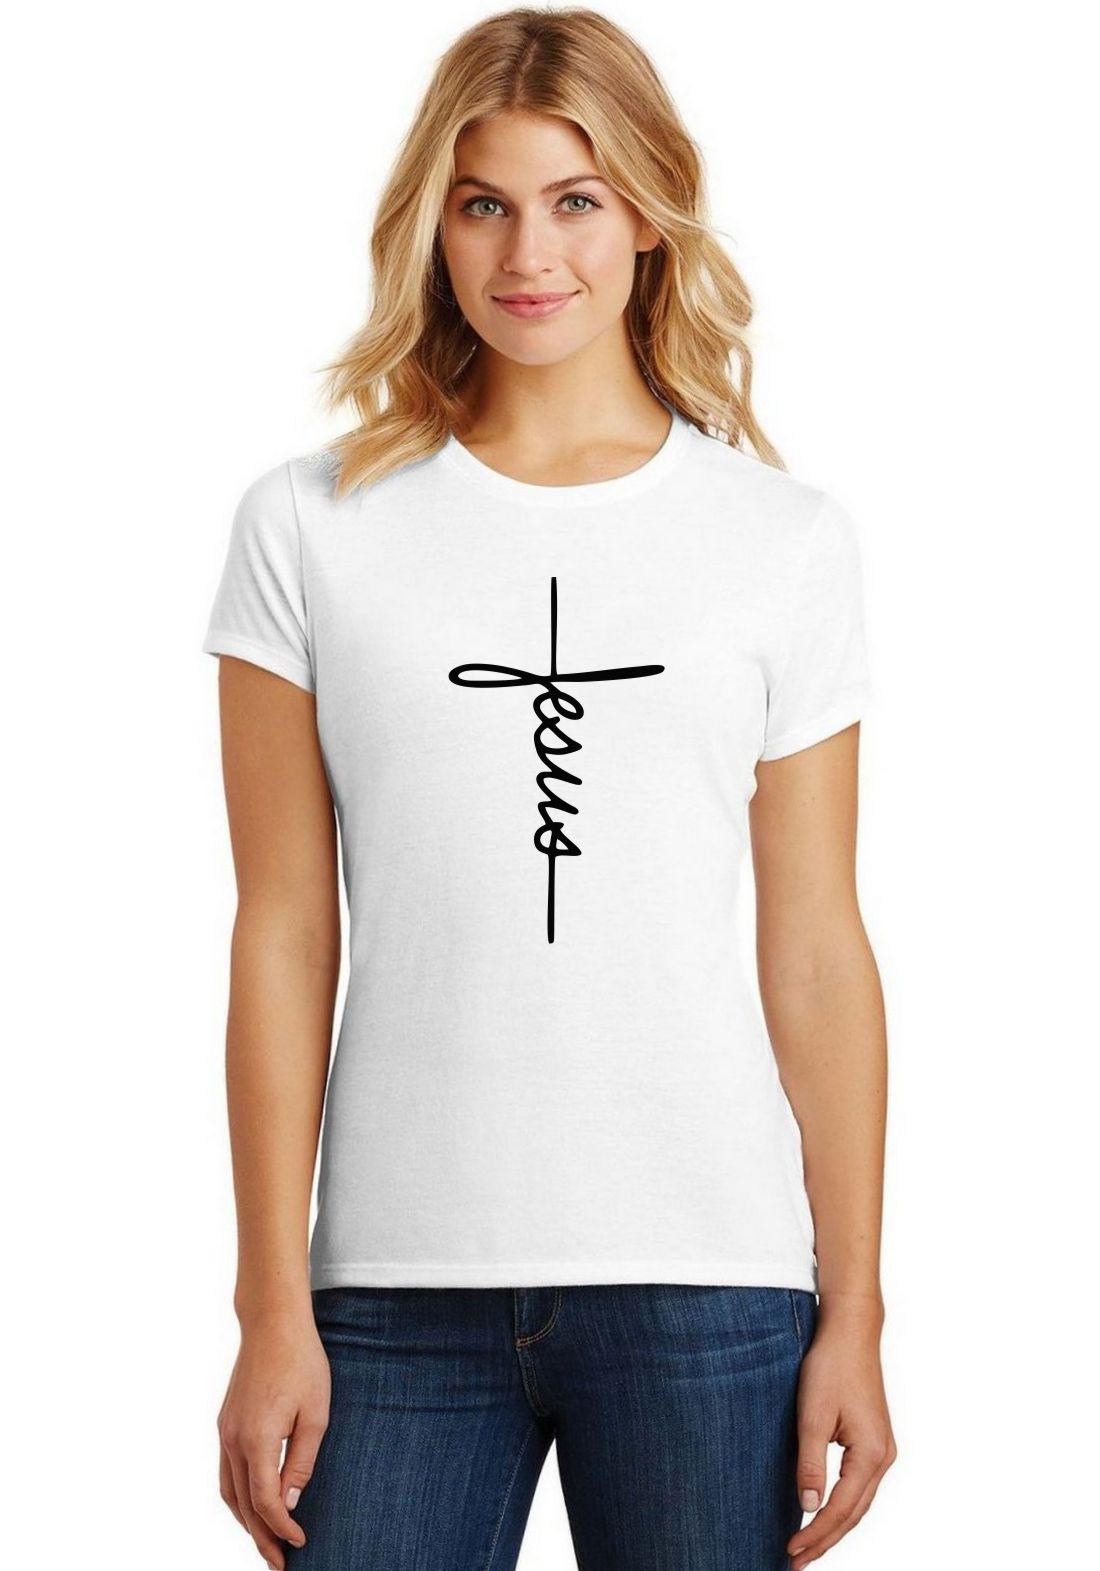 Camiseta Feminina Jesus T-Shirt Cristã Baby Look Religiosa ES_169